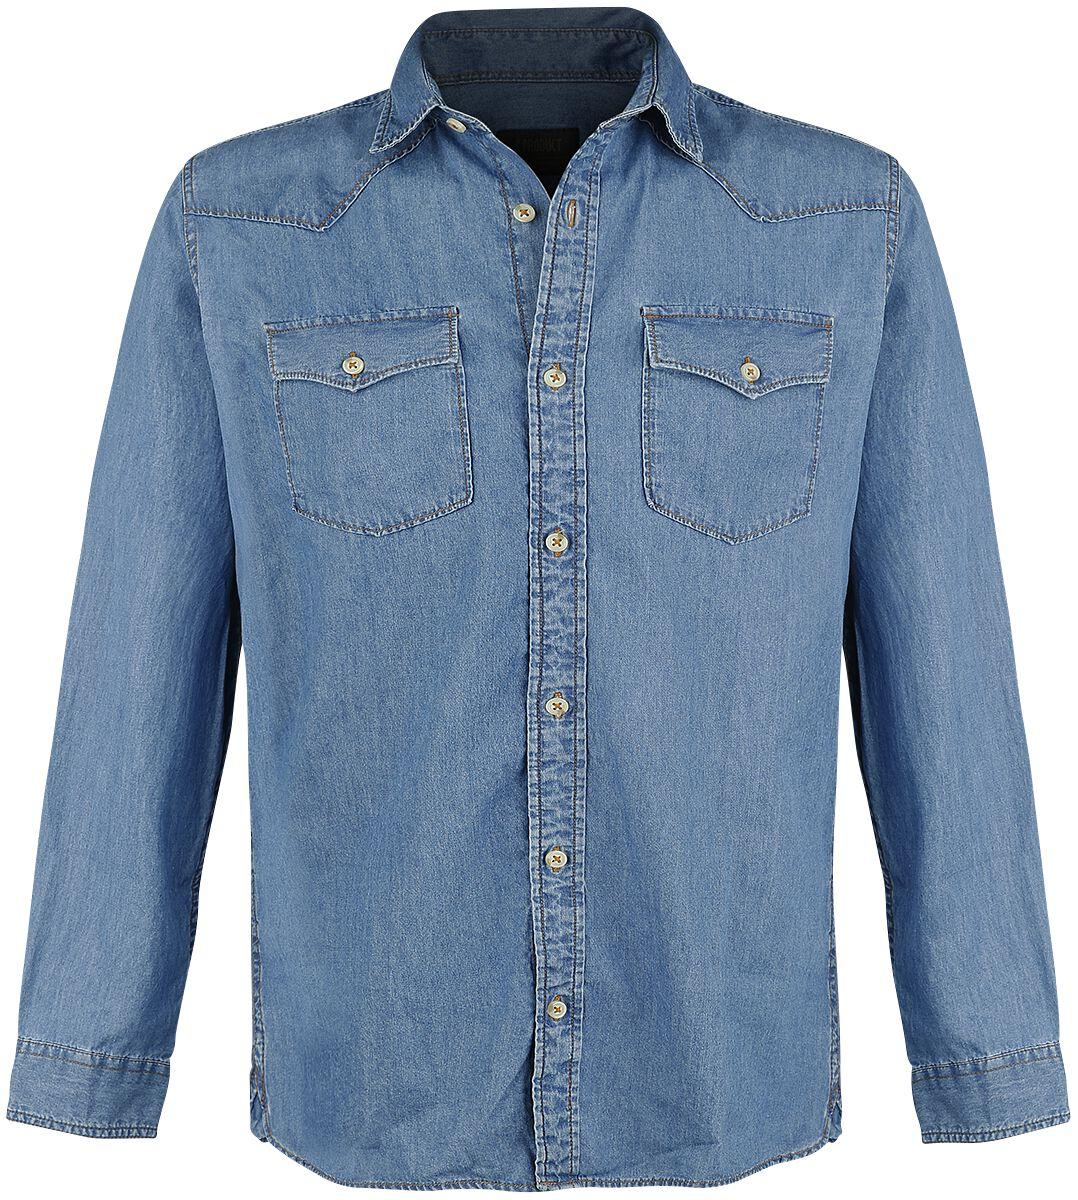 Marki - Koszule z długim rękawem - Koszula Produkt Next Western Shirt Koszula niebieski - 365777